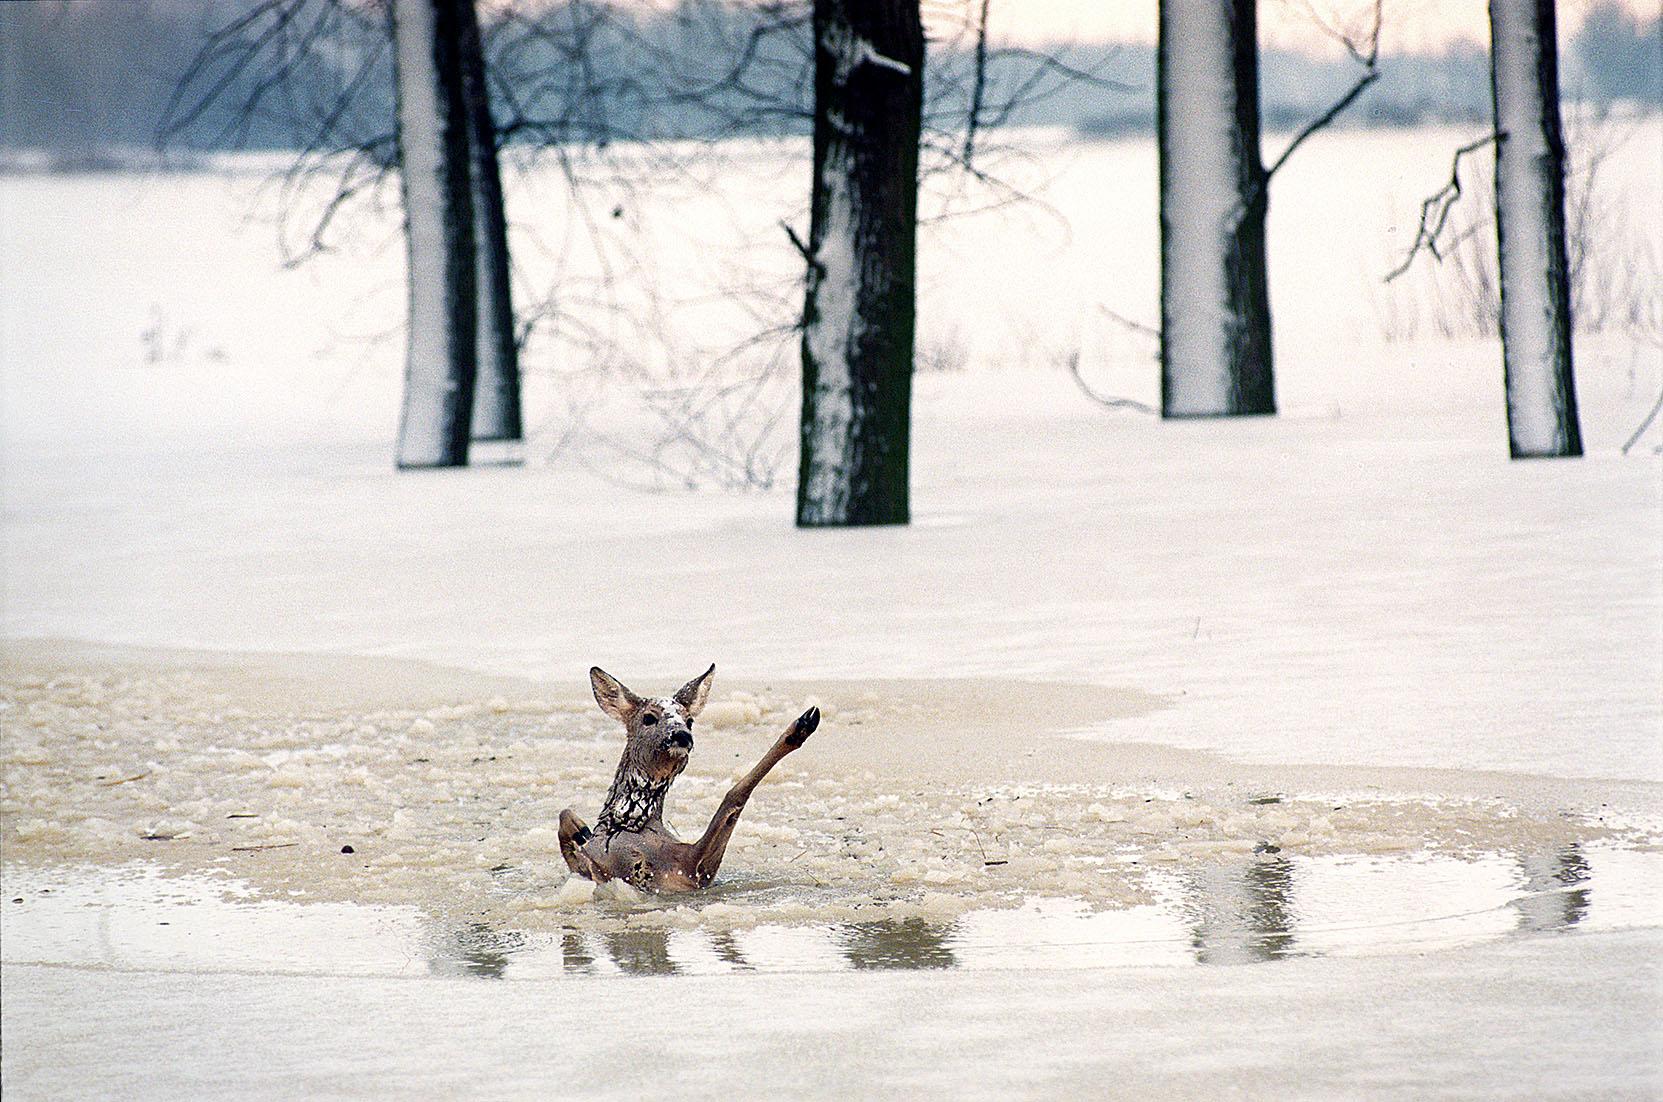 Fotó: Balázs Attila: Kisvarsány, 1995. december 28., 11 óra 18 perc